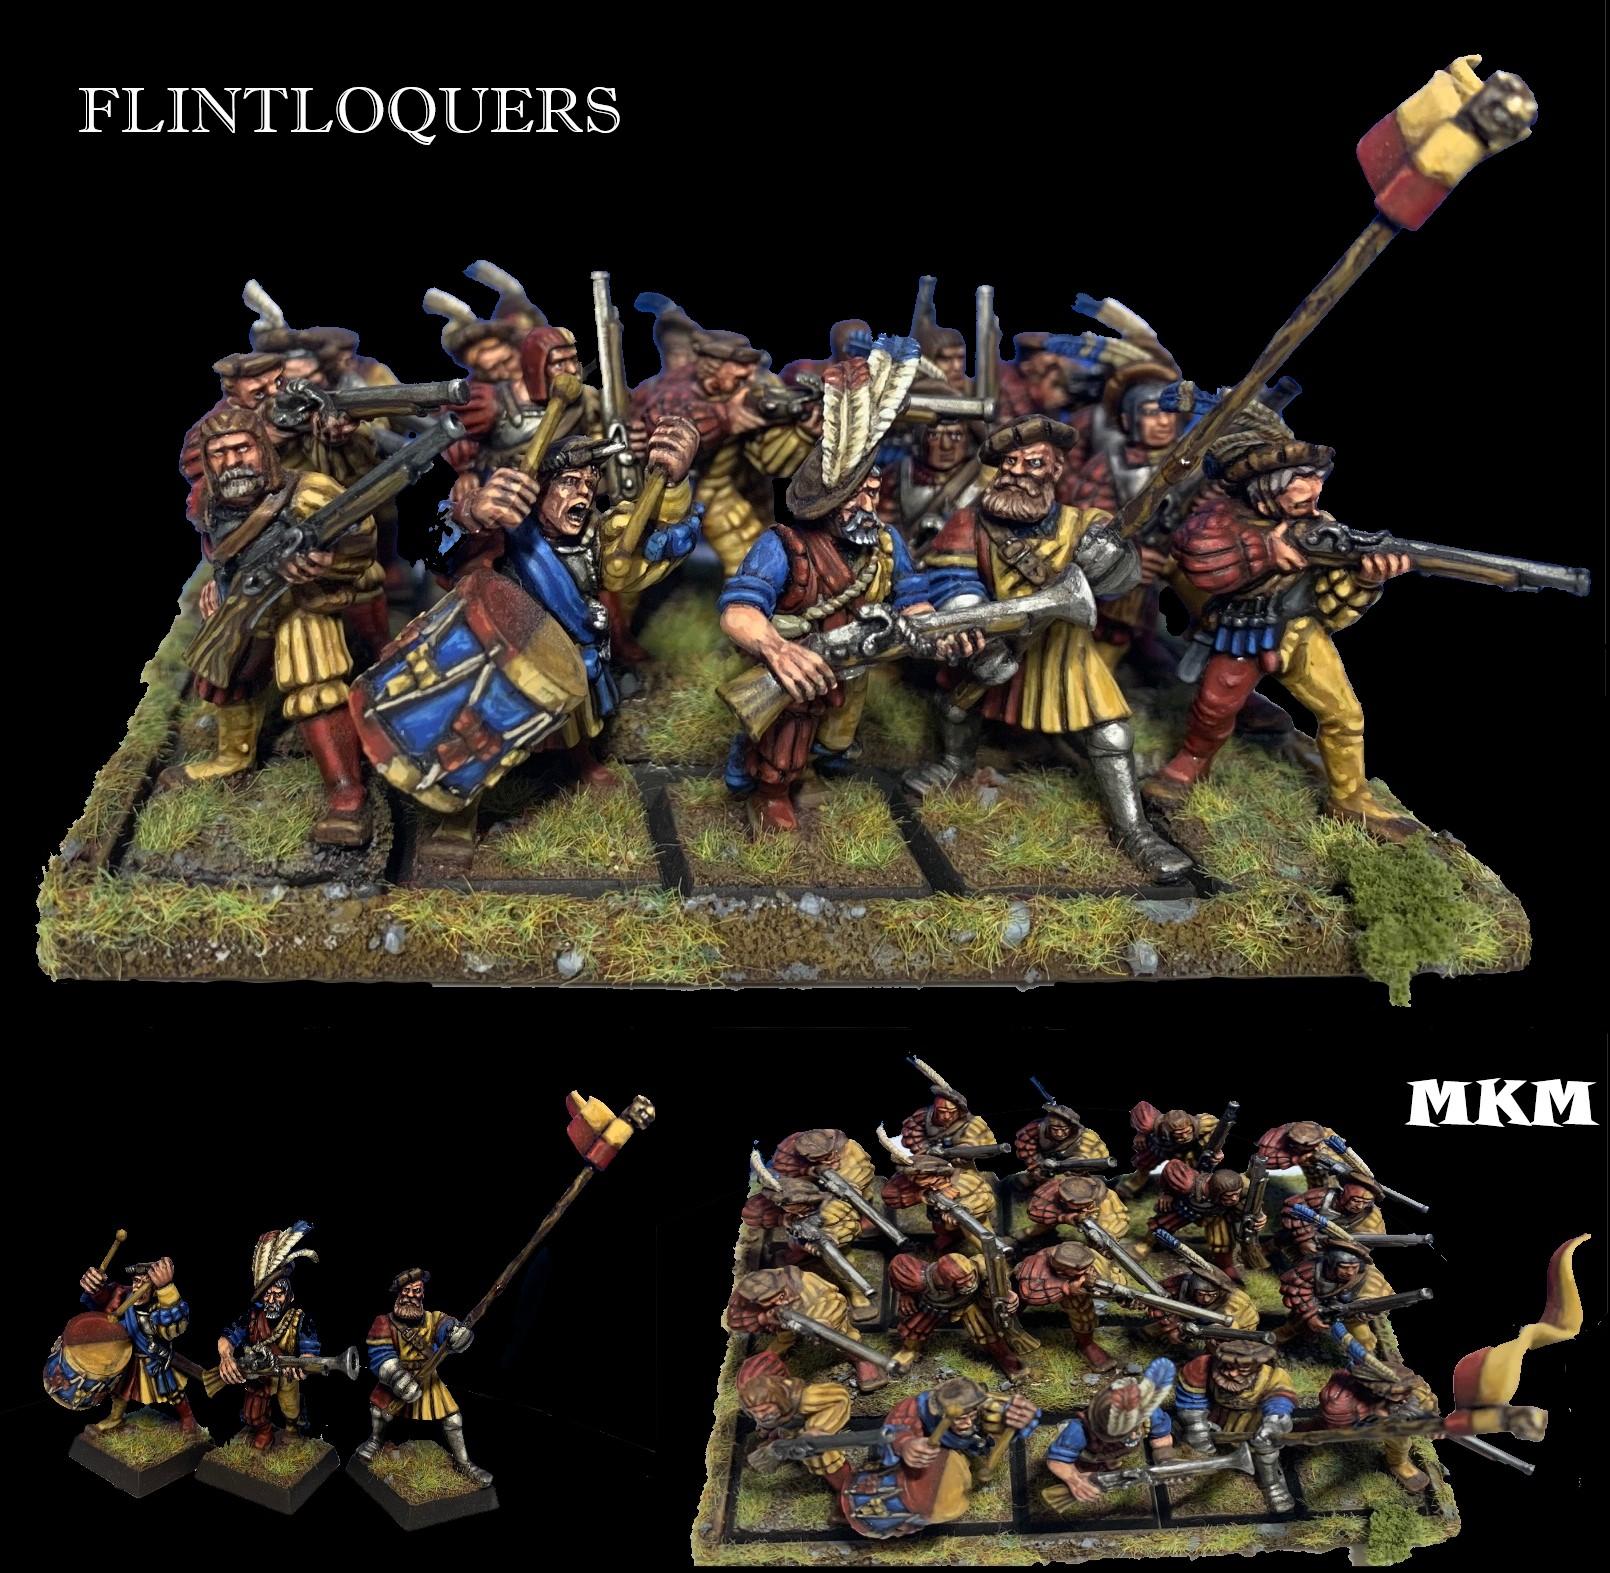 THE BOLD FLINTLOQUERS, 20 Empire Handgunners